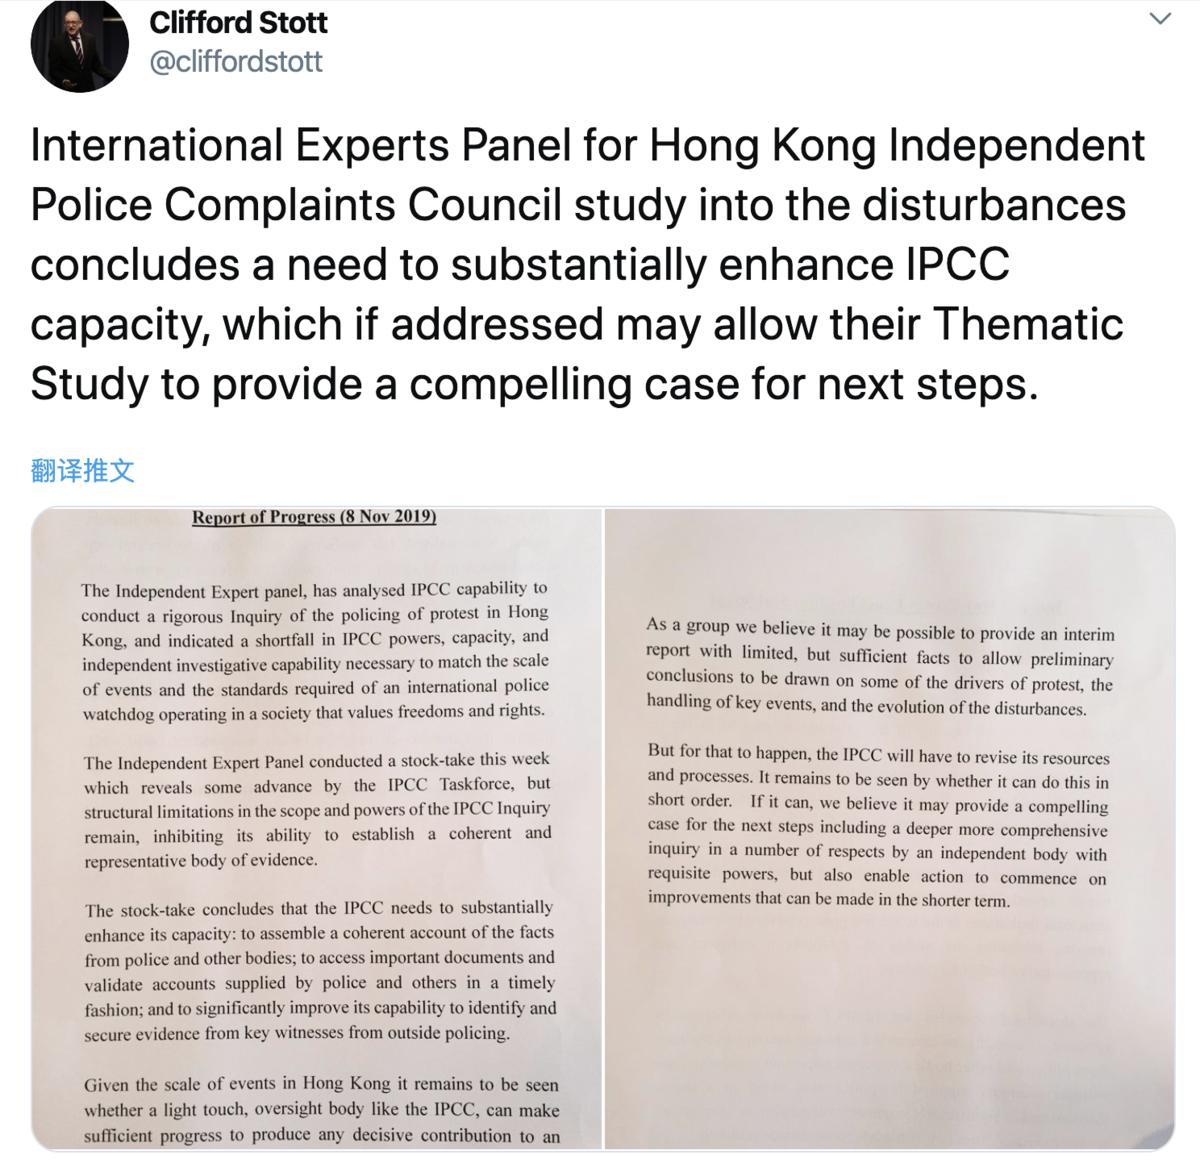 11月9日,監警會國際專家小組成員Clifford Stott在個人Twitter帳戶代小組發聲明,稱需要建立獨立機構深入調查香港近期發生的事件。(網絡截圖)